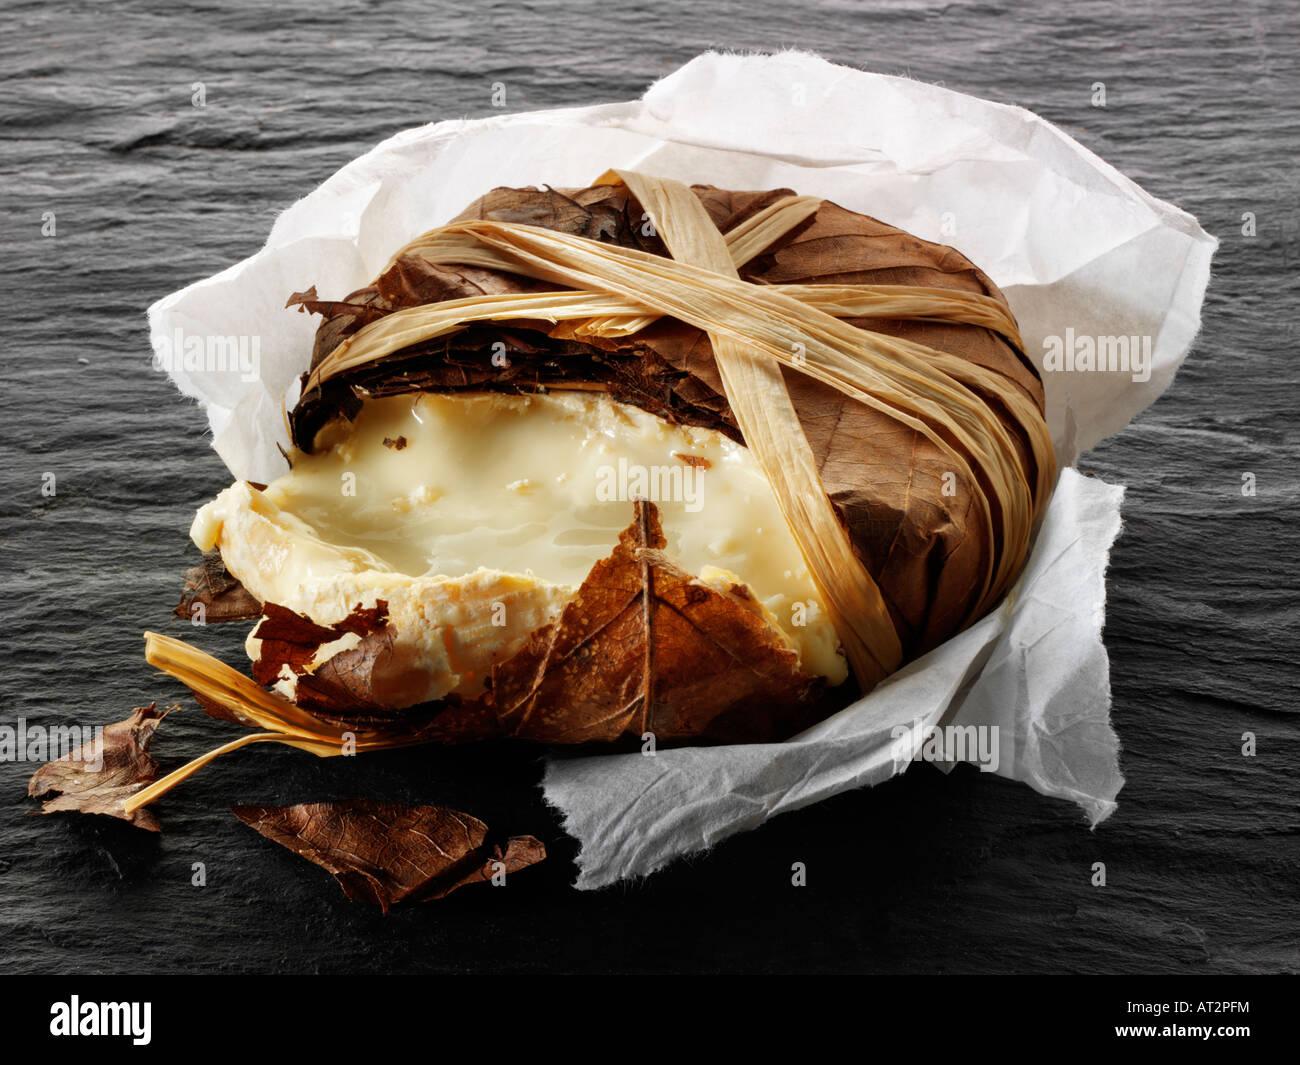 Bannon français fromage de chèvre mou dans les feuilles sur un fond noir. Provence Photo Stock